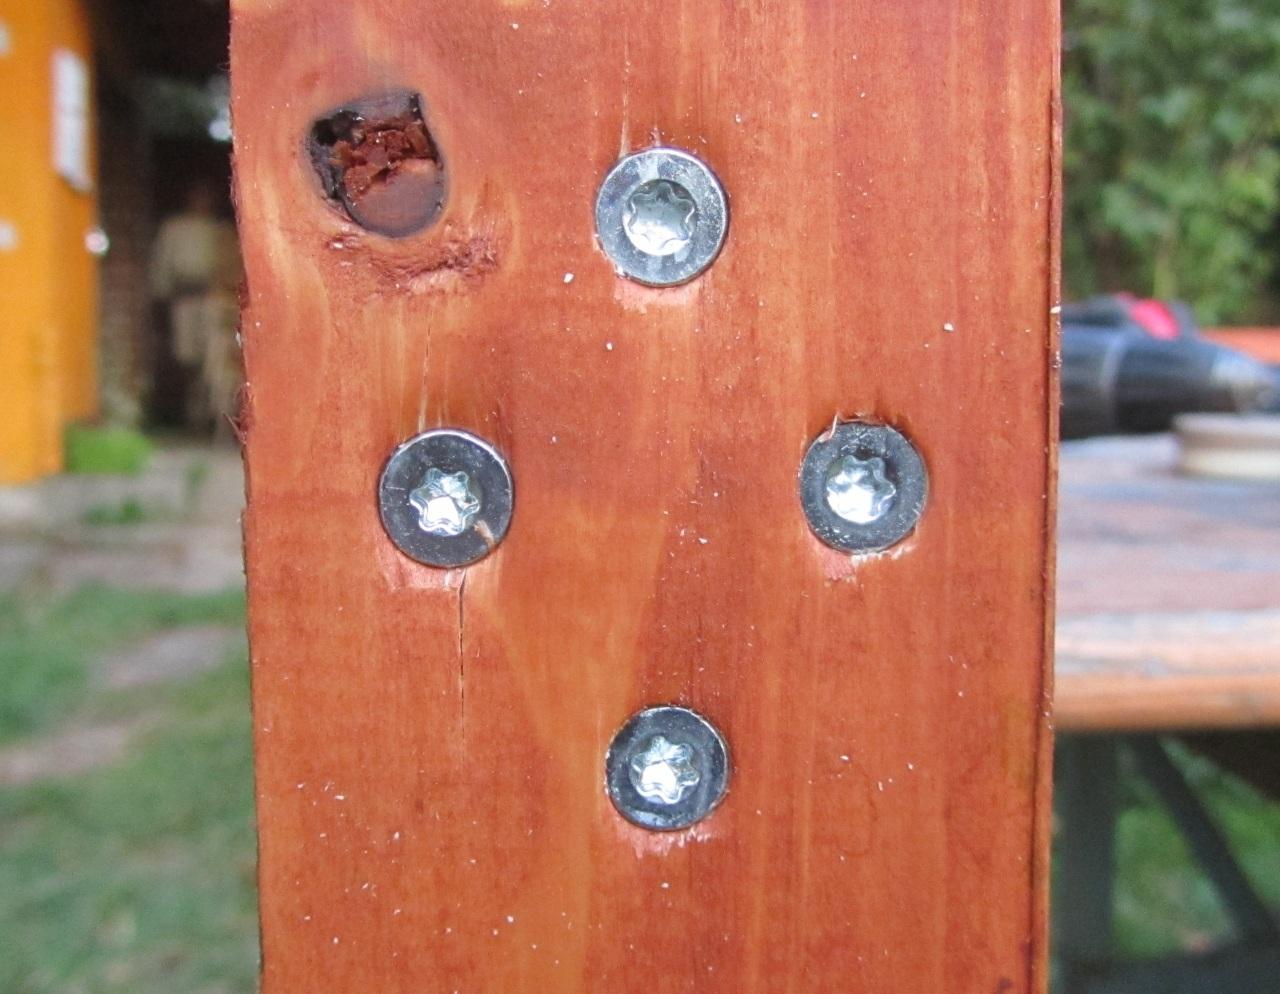 Schrauben im Holz versenkt